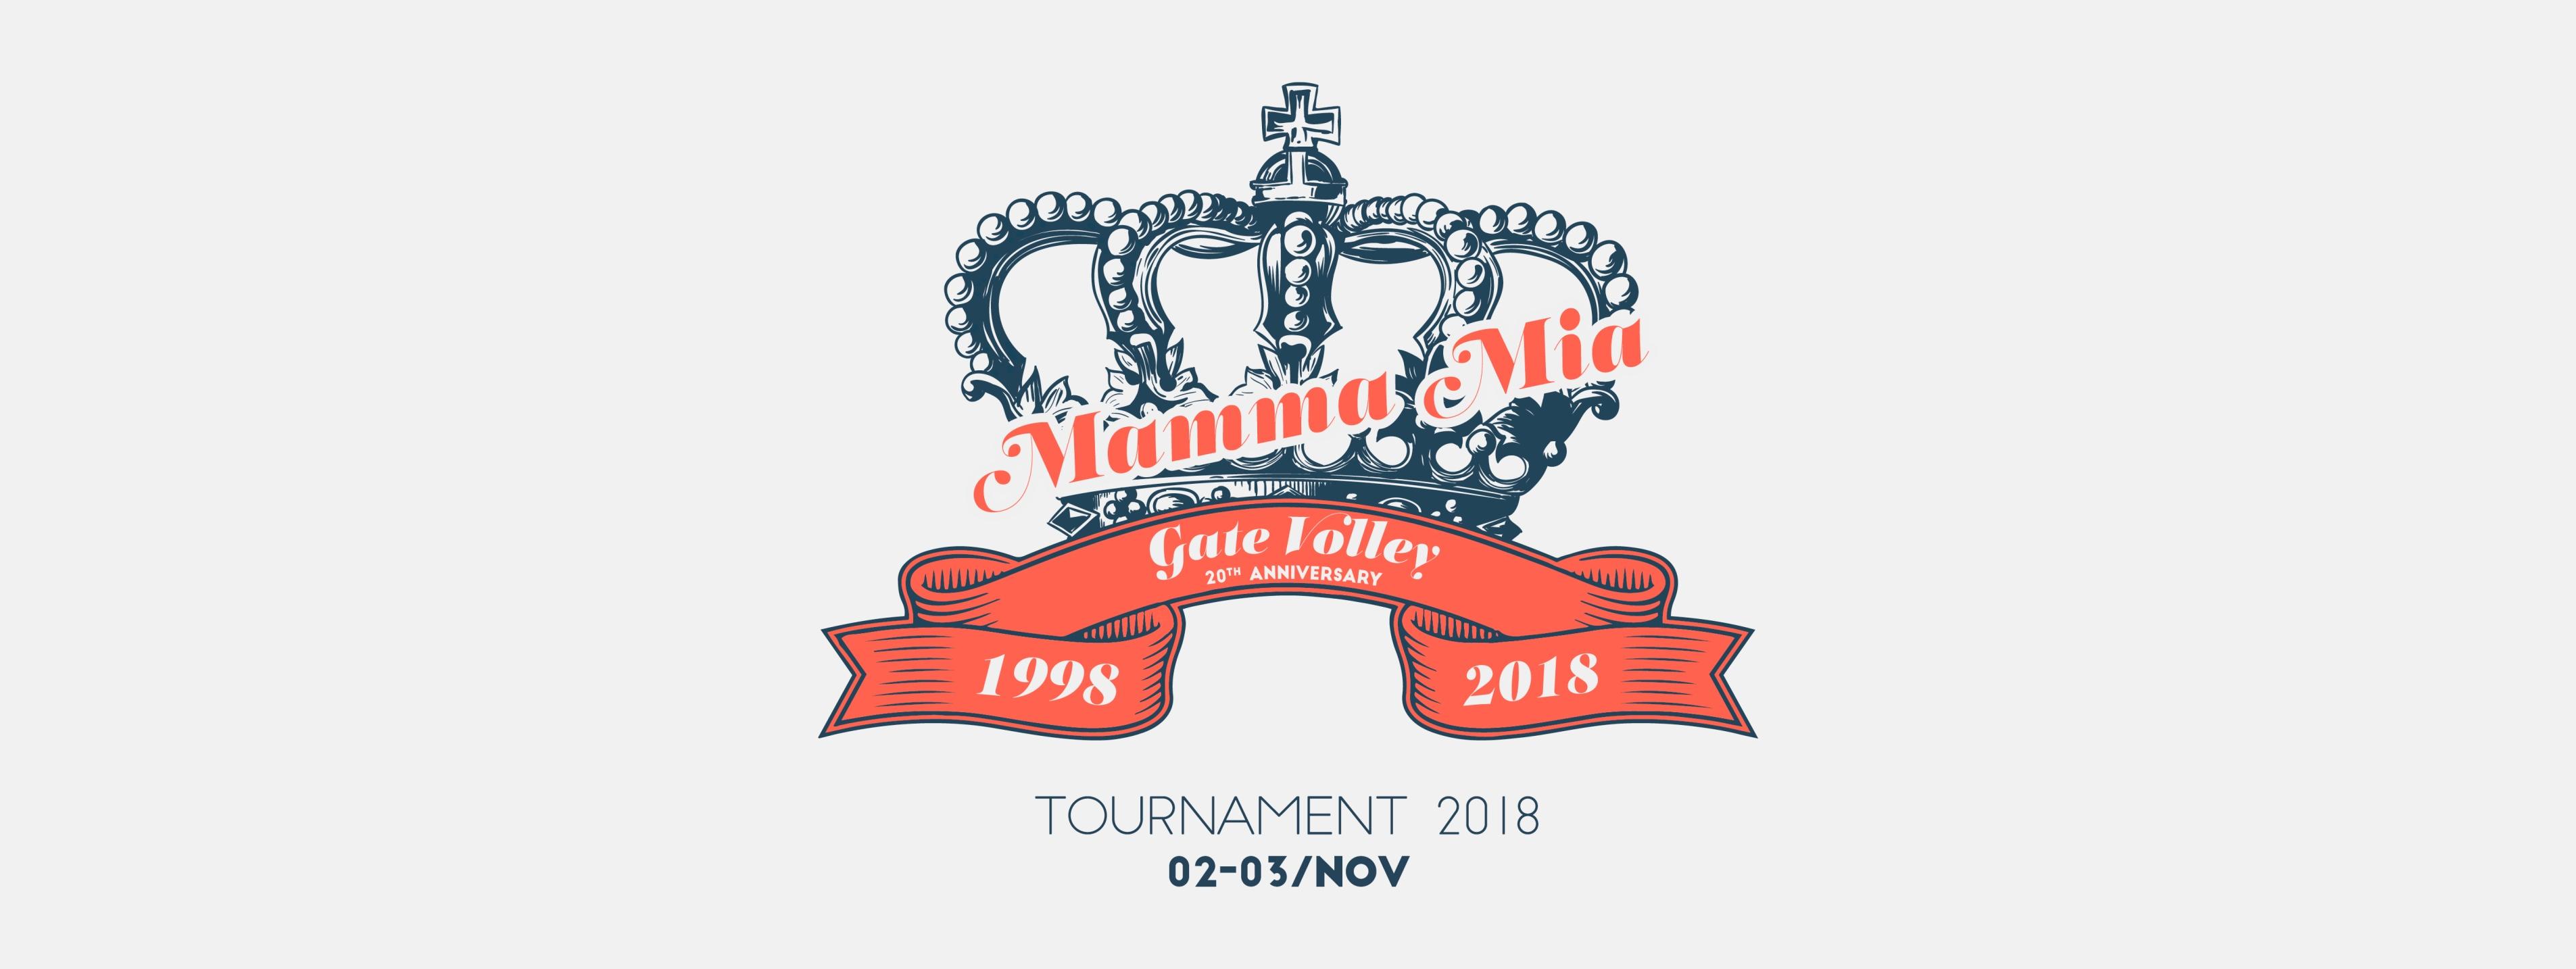 Mamma Mia Tournament 2018 @ Milan | Lombardy | Italy